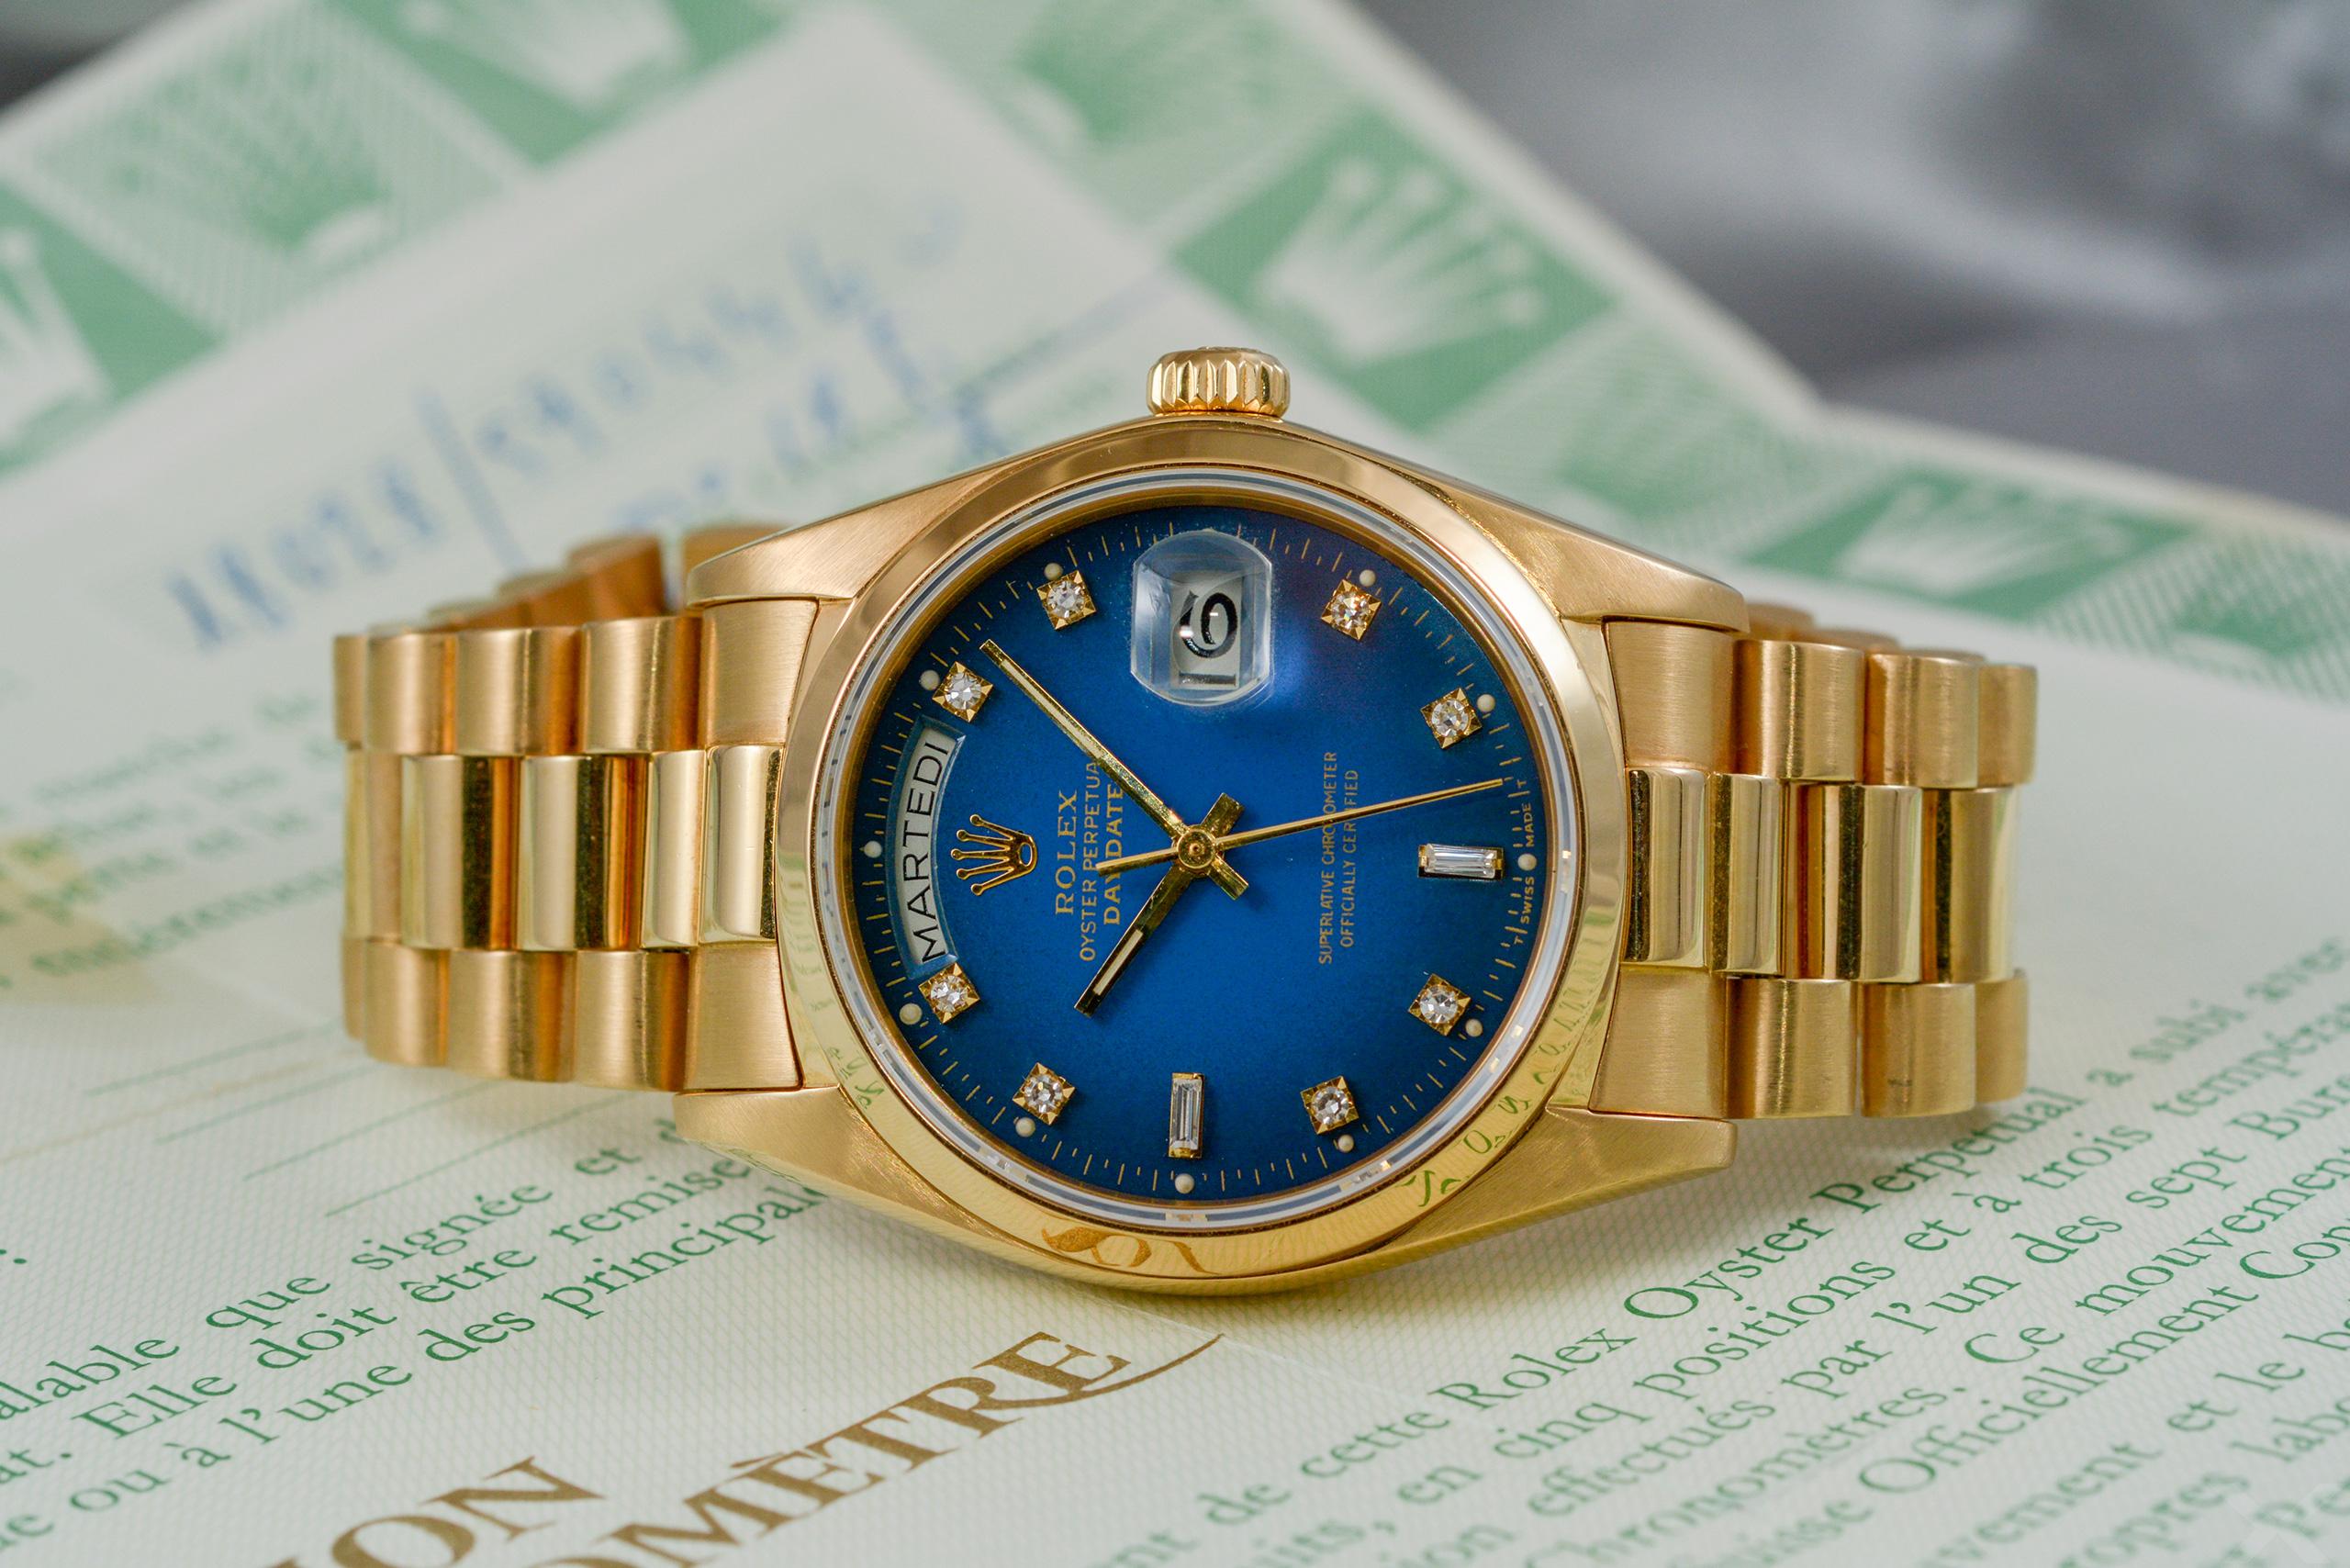 Rolex-Uhr Dating-Seriennummer Internetdatierung E-Mails, was zu schreiben